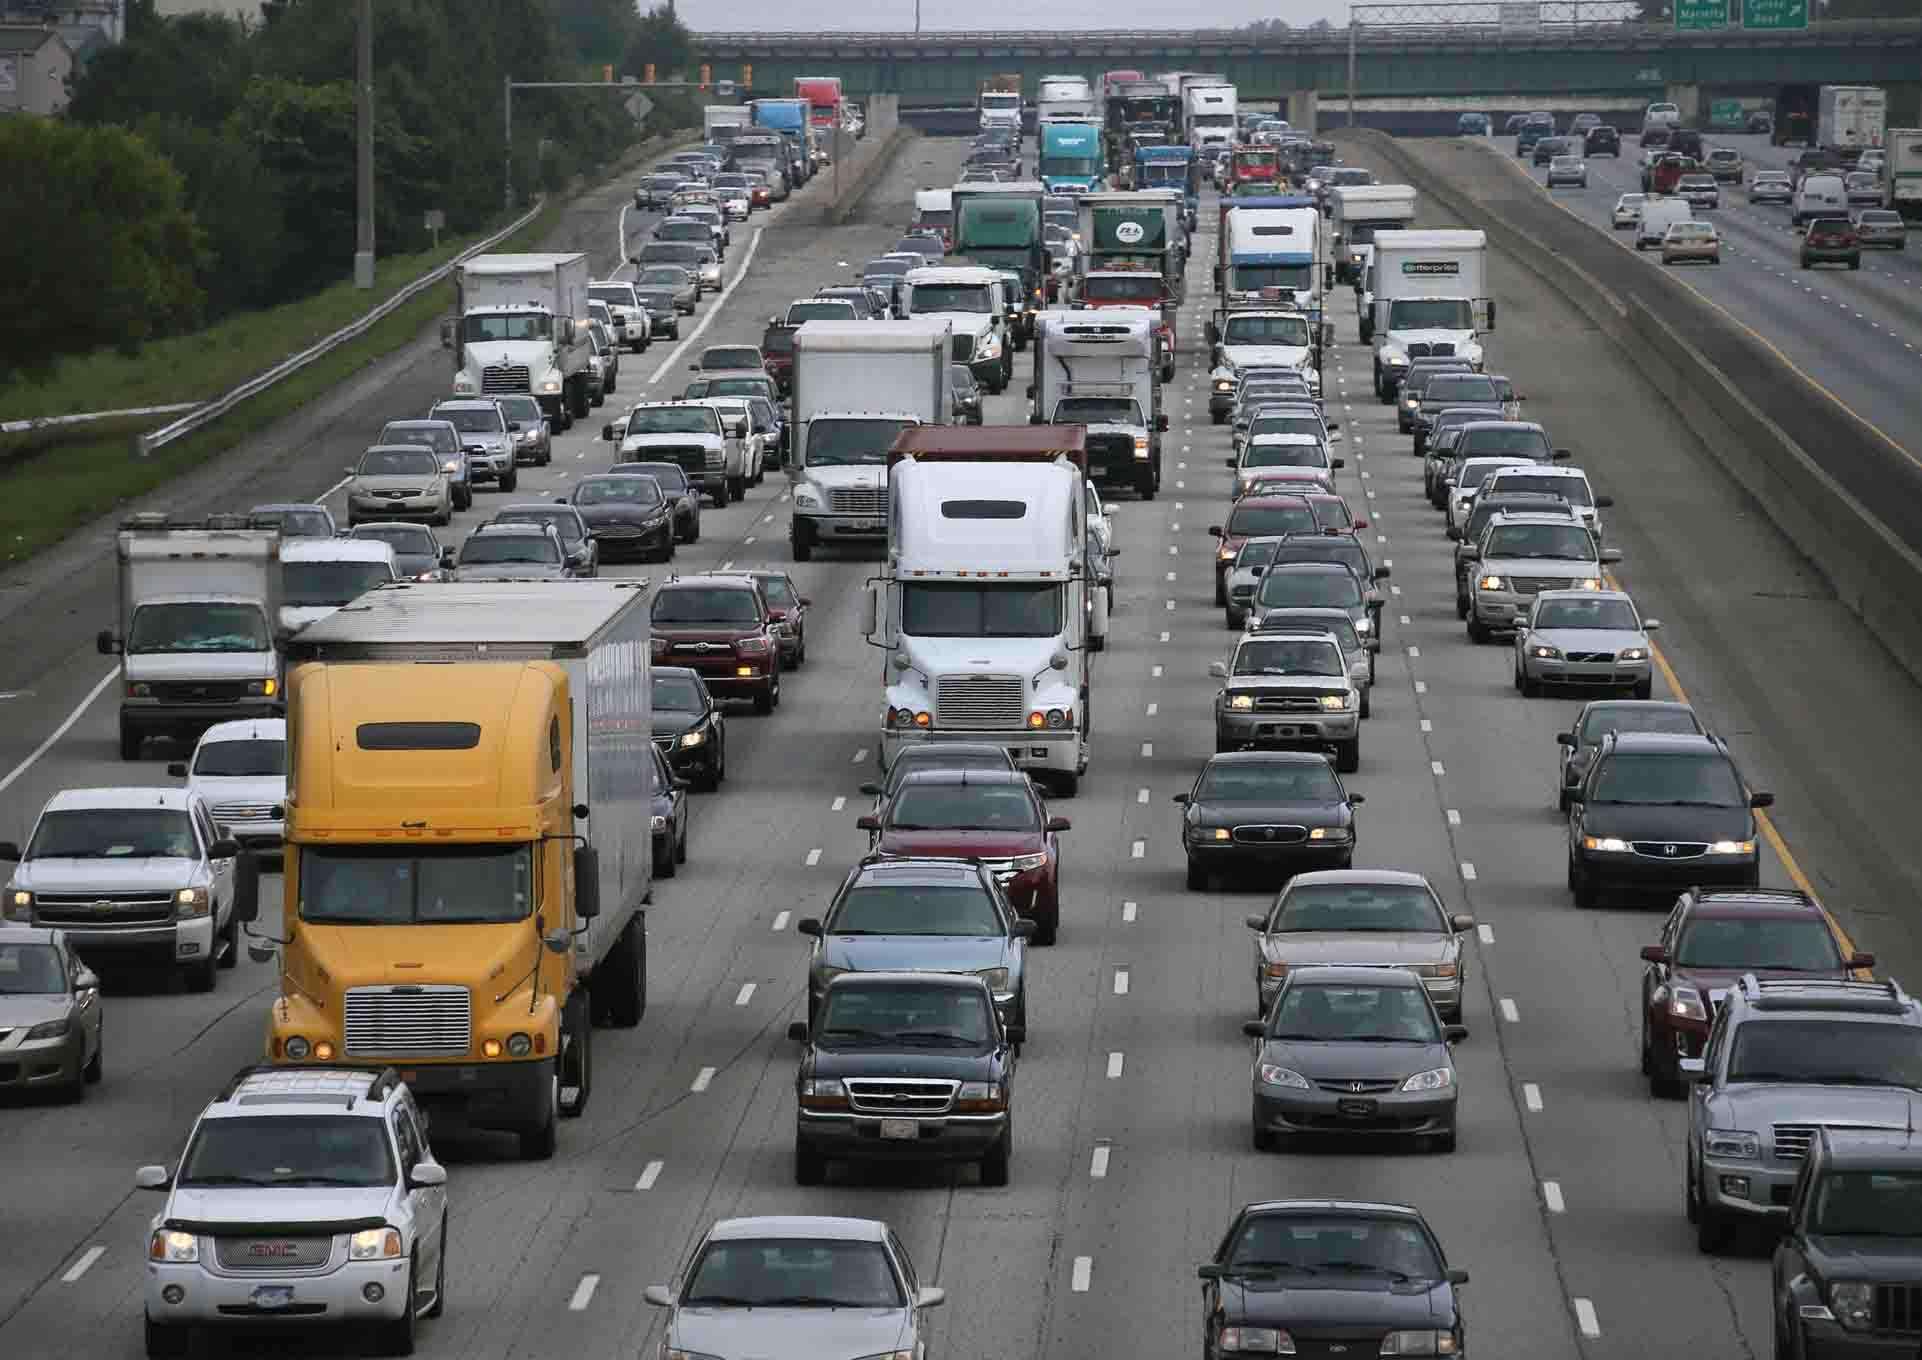 ترافیک یکی از عوامل بروز آلودگی صوتی